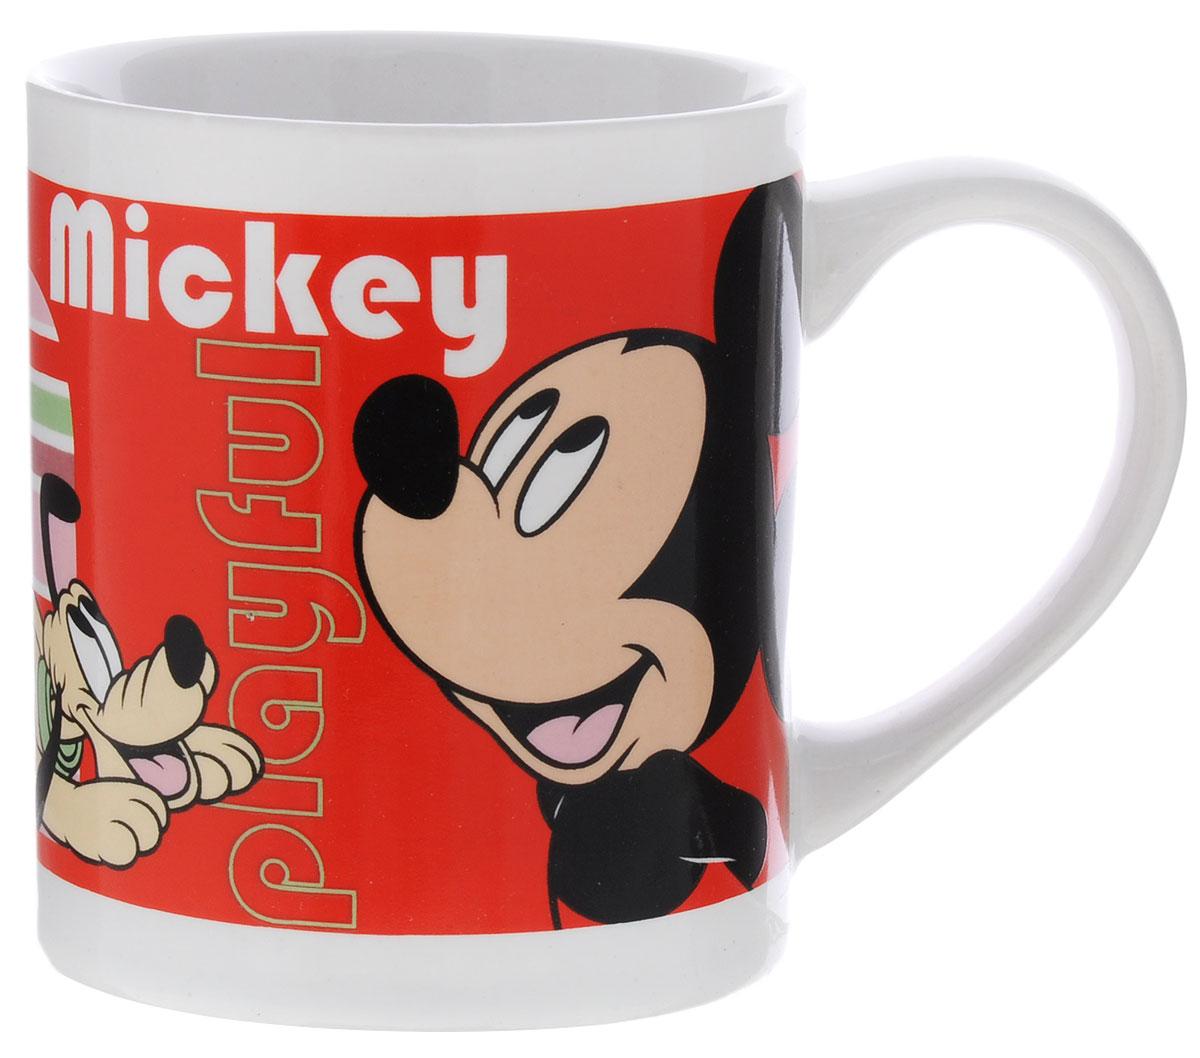 Stor Кружка детская Микки Маус 220 мл10255049_синийДетская кружка Stor Микки Маус из серии Stor Disney с любимым героем станет отличным подарком для вашего ребенка. Она выполнена из керамики и оформлена изображением Микки Мауса. Кружка дополнена удобной ручкой. Такой подарок станет не только приятным, но и практичным сувениром: кружка будет незаменимым атрибутом чаепития, а оригинальное оформление кружки добавит ярких эмоций и хорошего настроения.Можно использовать в СВЧ-печи и посудомоечной машине.